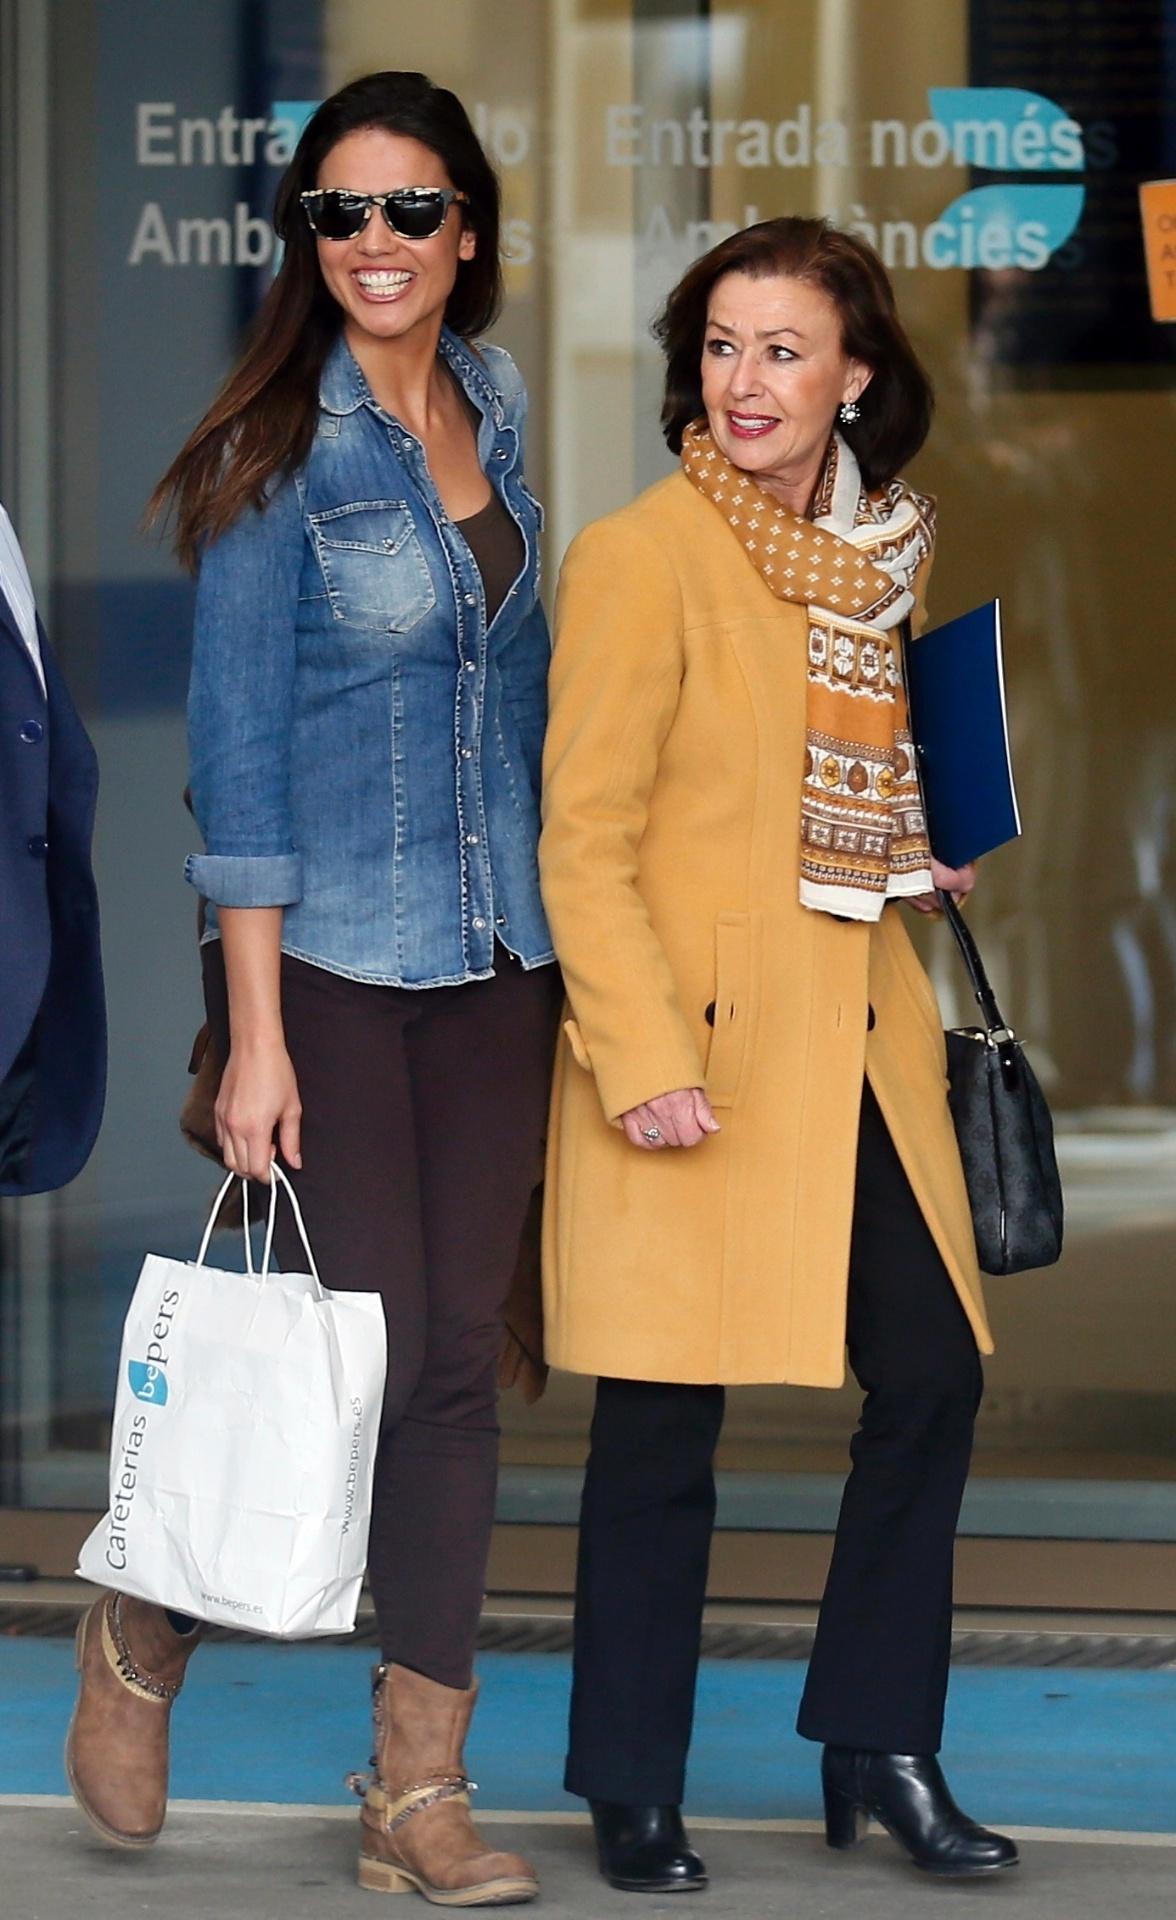 25.fez.2015 - Lara Alvarez (e), namorada de Fernando Alonso, e Ana Diaz (d), mãe do piloto, deixam hospital de Barcelona após o espanhol receber alta. Ele estava internado desde domingo devido a um grave acidente durante os testes da Fórmula 1